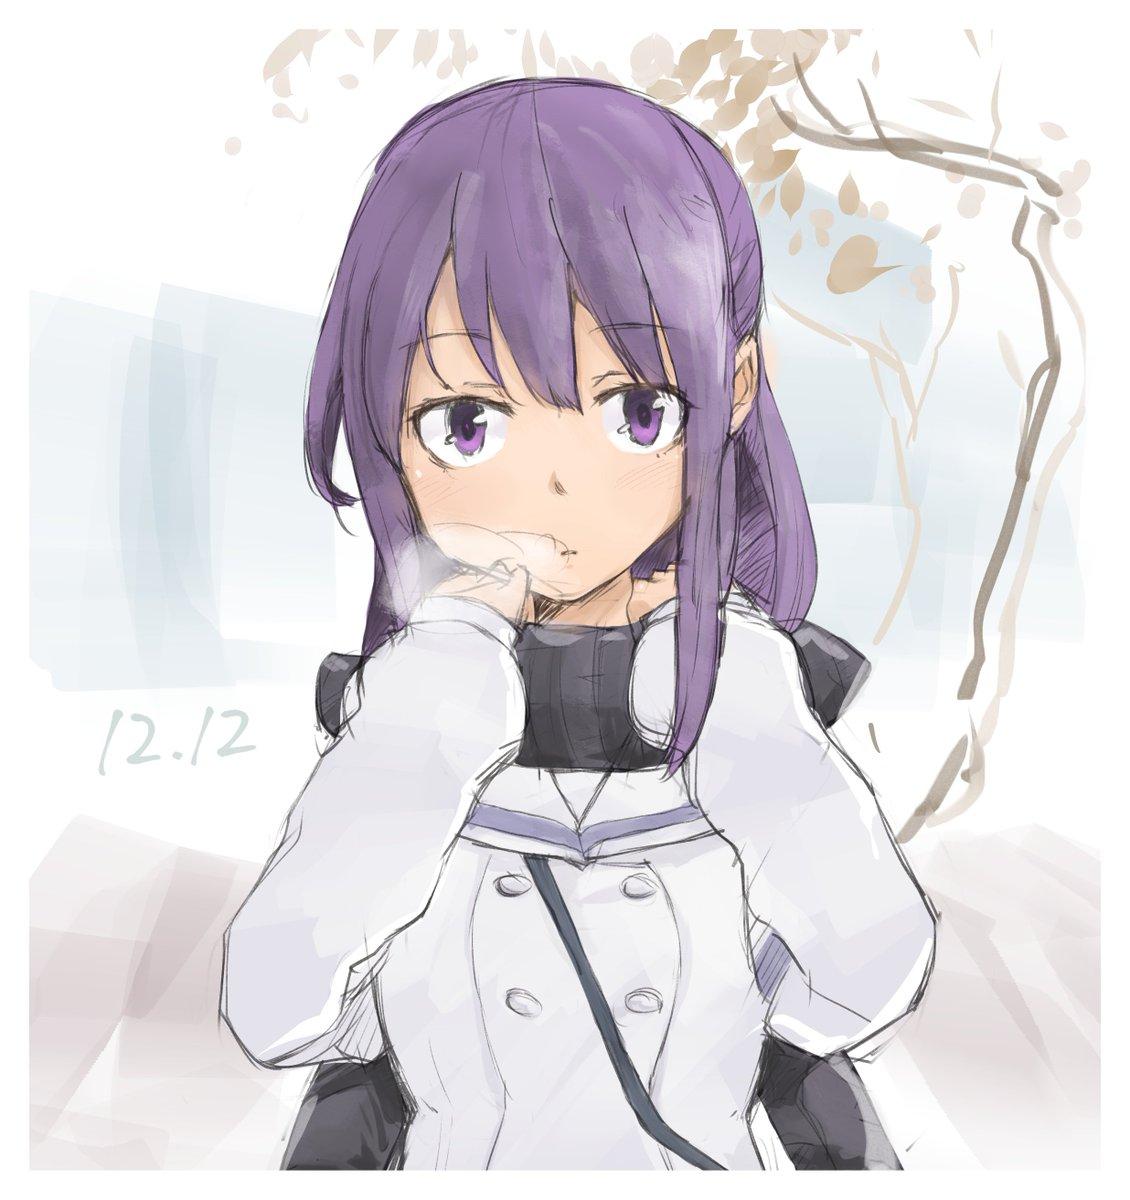 【アリスギア】本日12/12は二子玉舞ちゃんの誕生日 ...